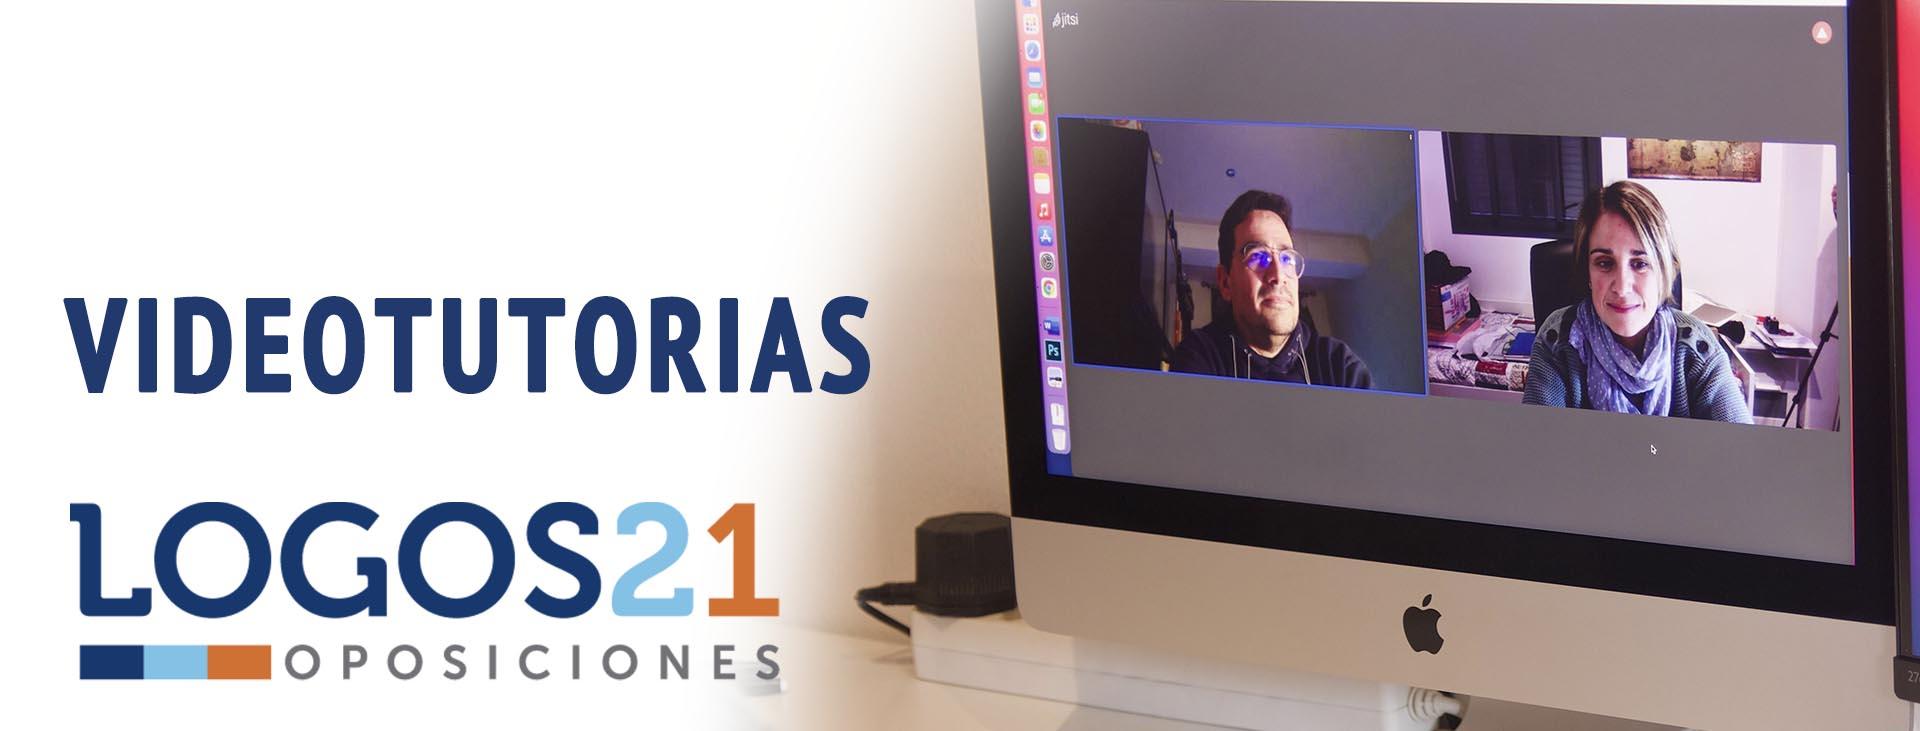 Logos21 Oposiciones Online